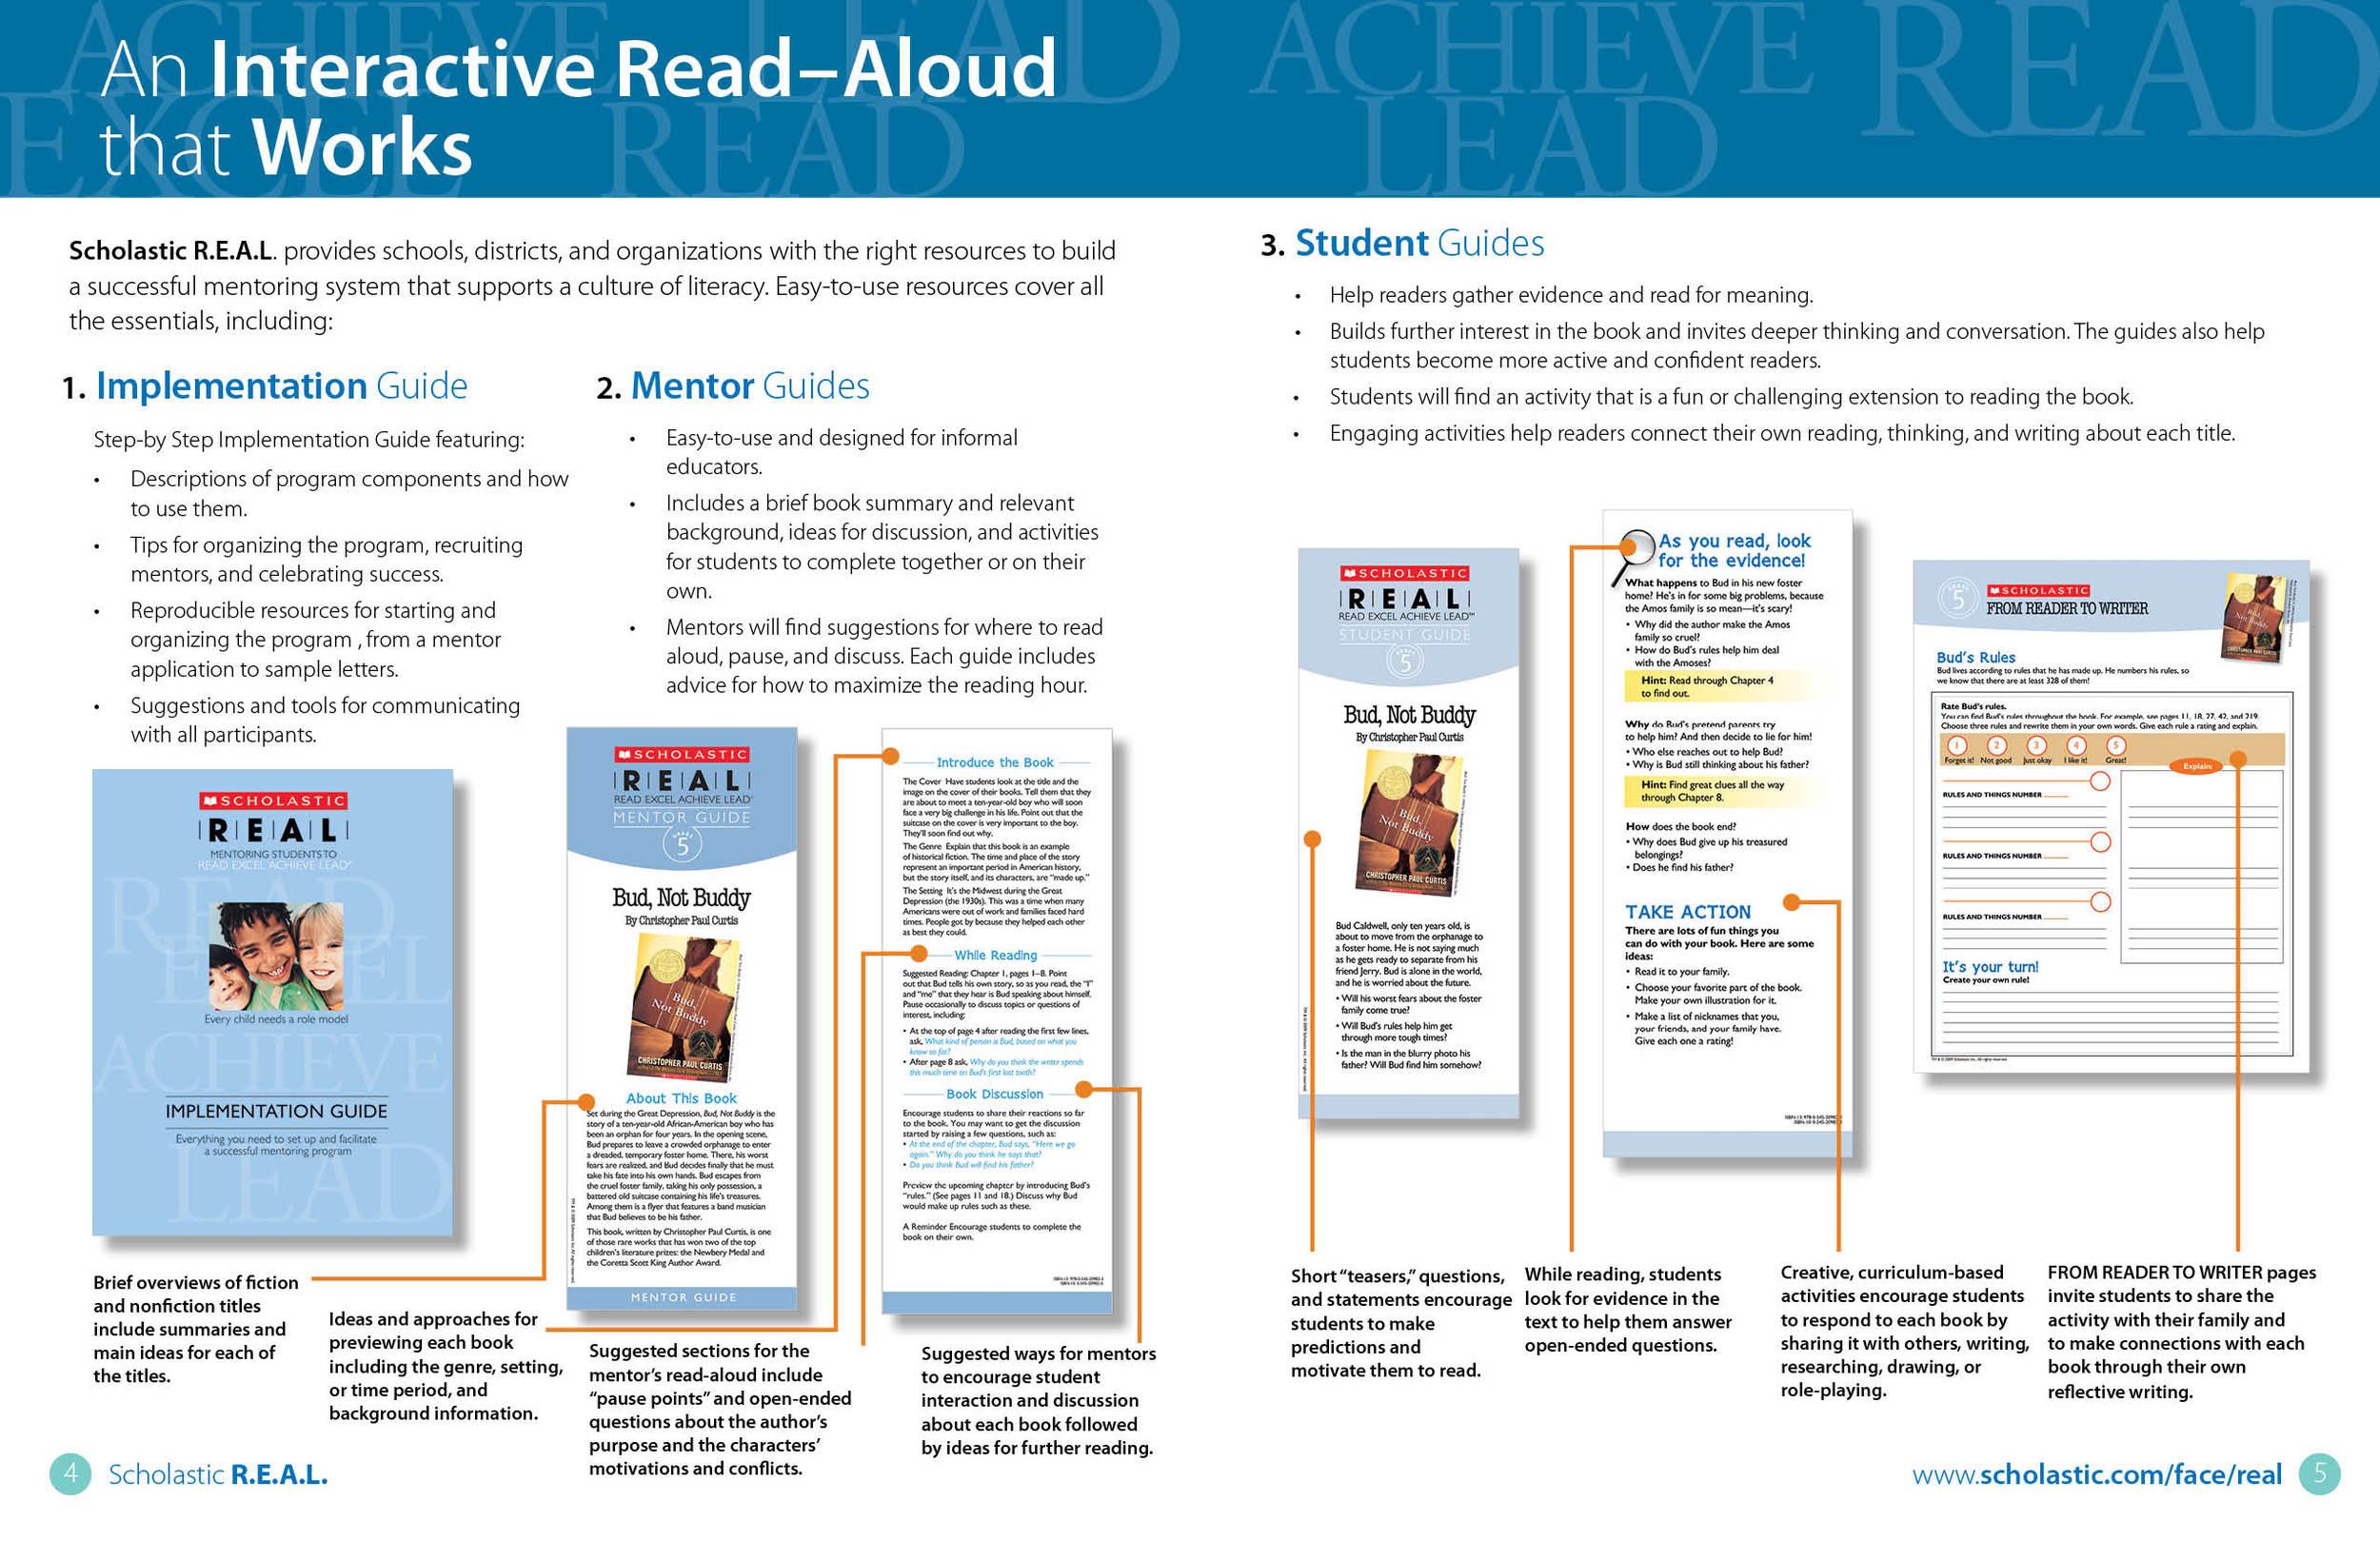 REAL_Brochure_9P3.jpg